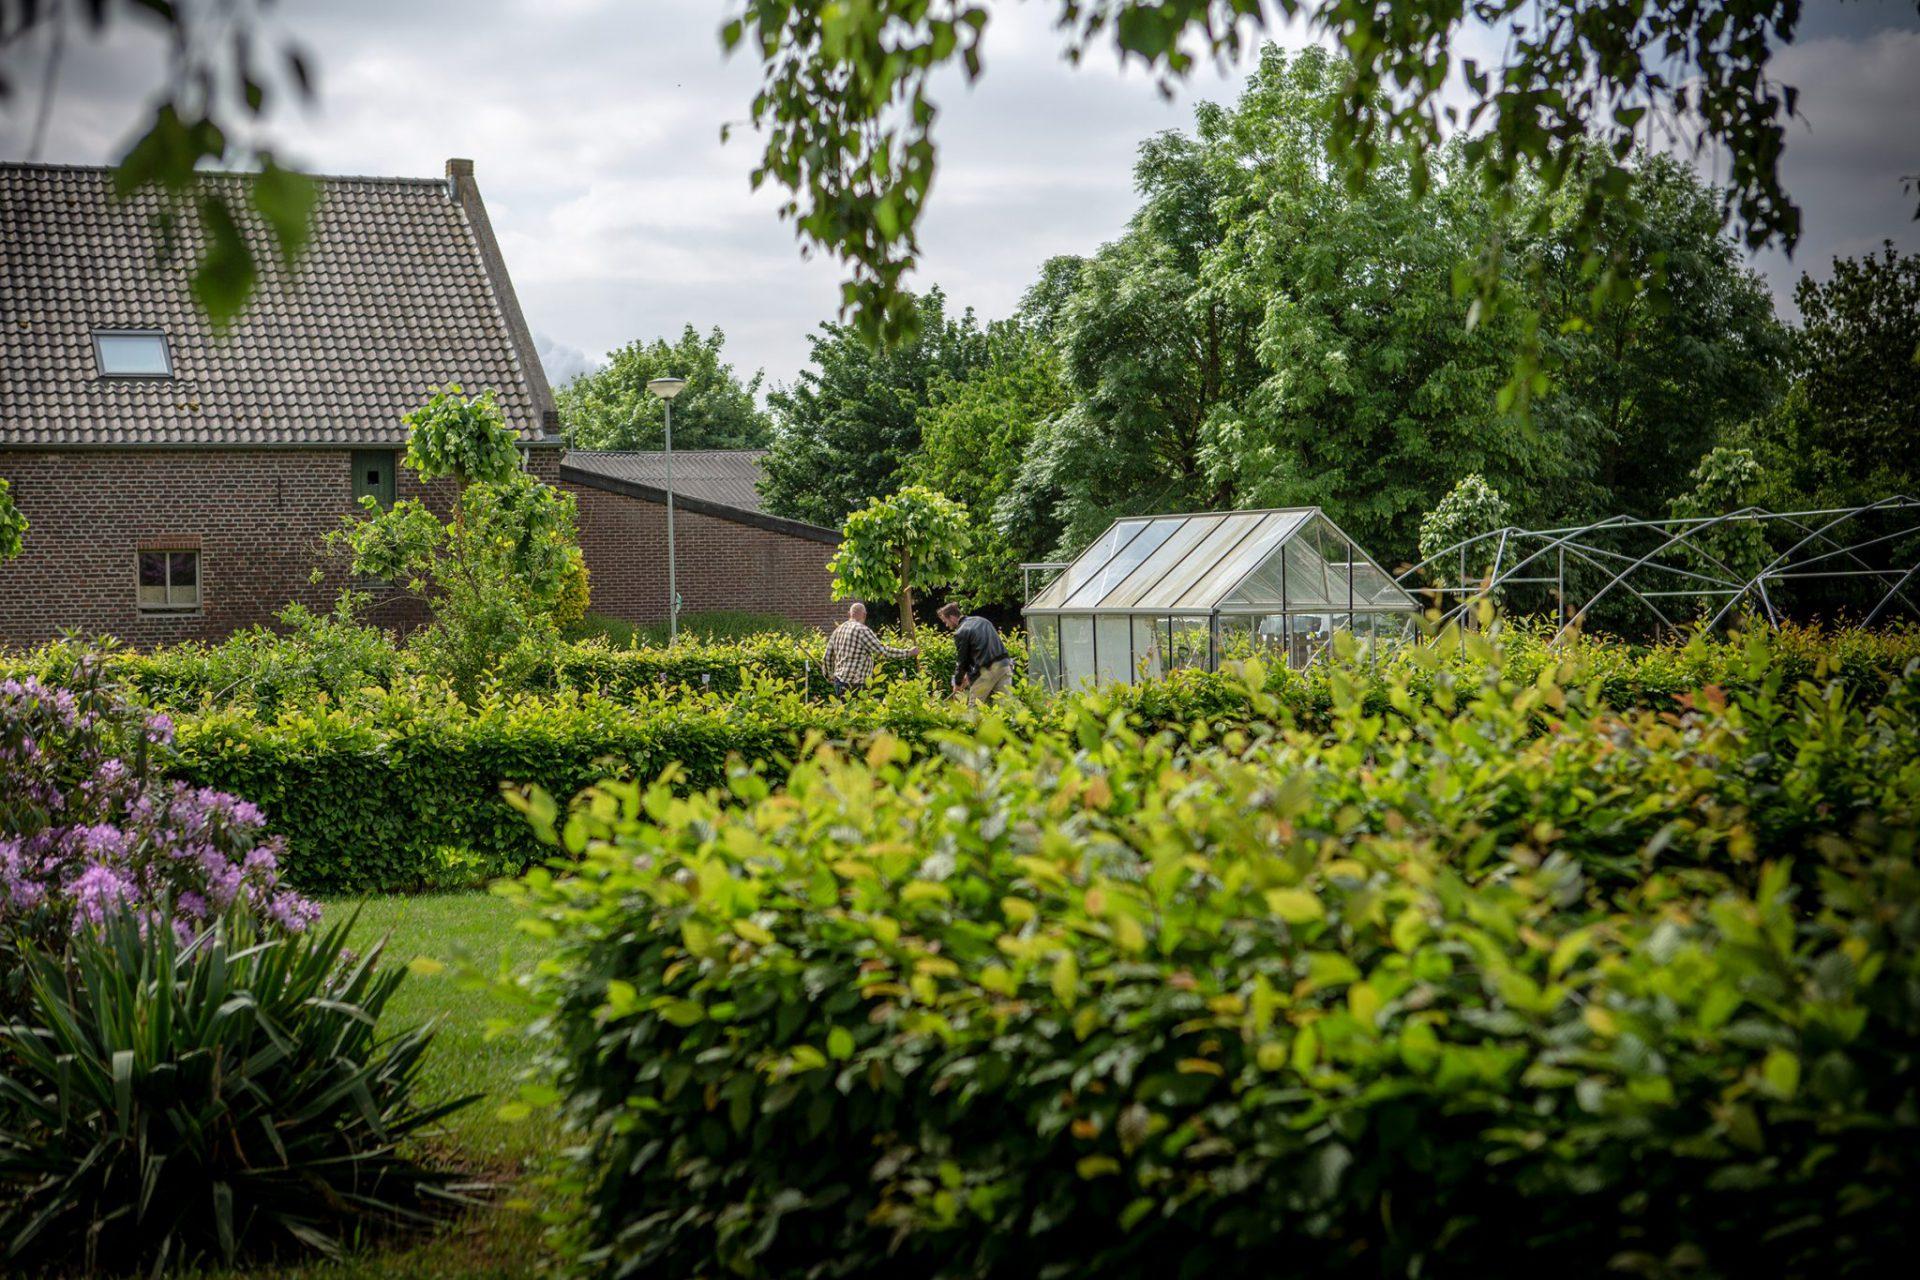 Middelhof-S20C009401.jpg